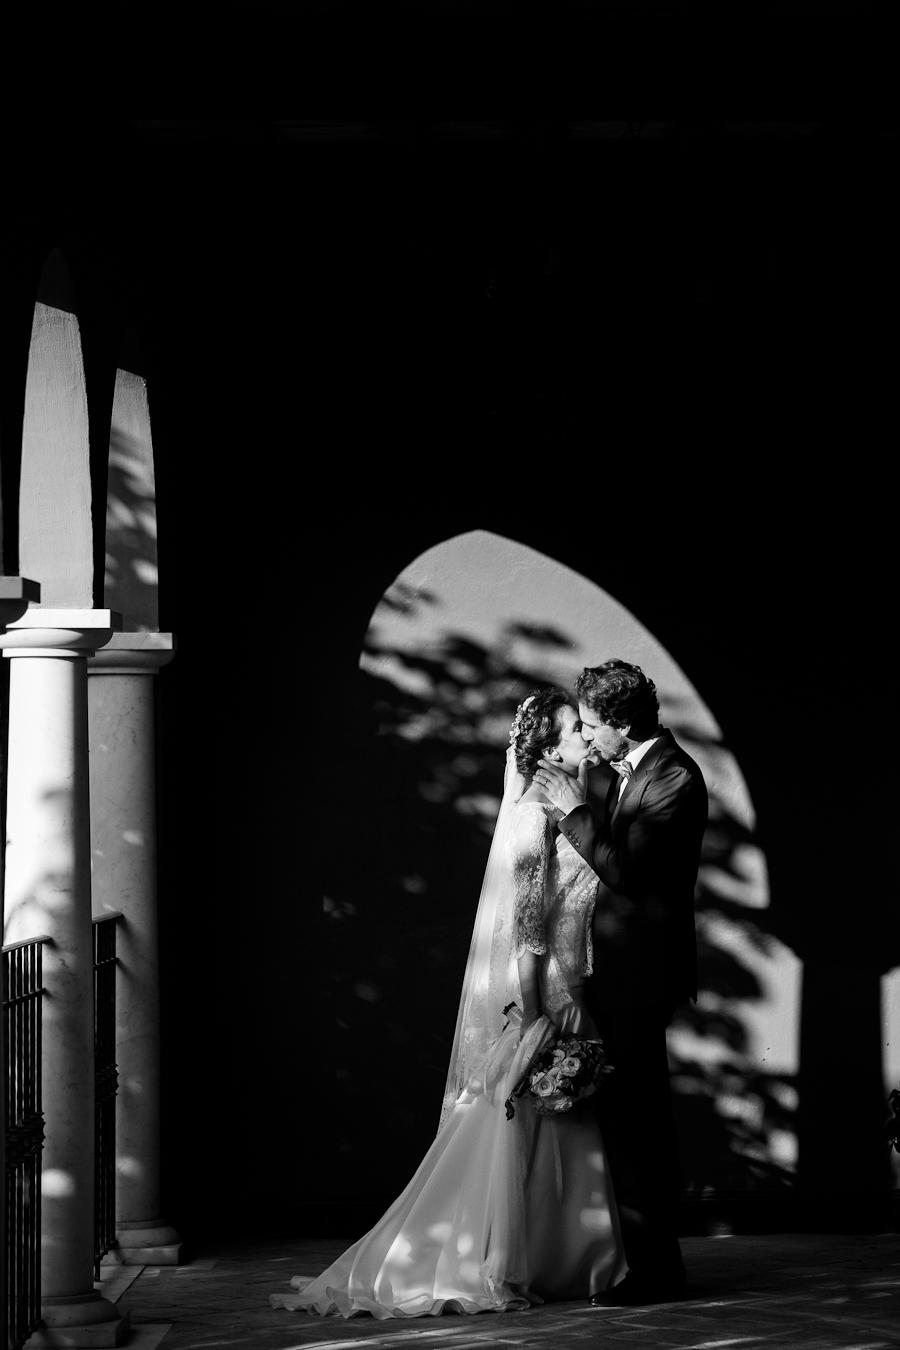 photographe-mariage-chateau-font-du-broc-121